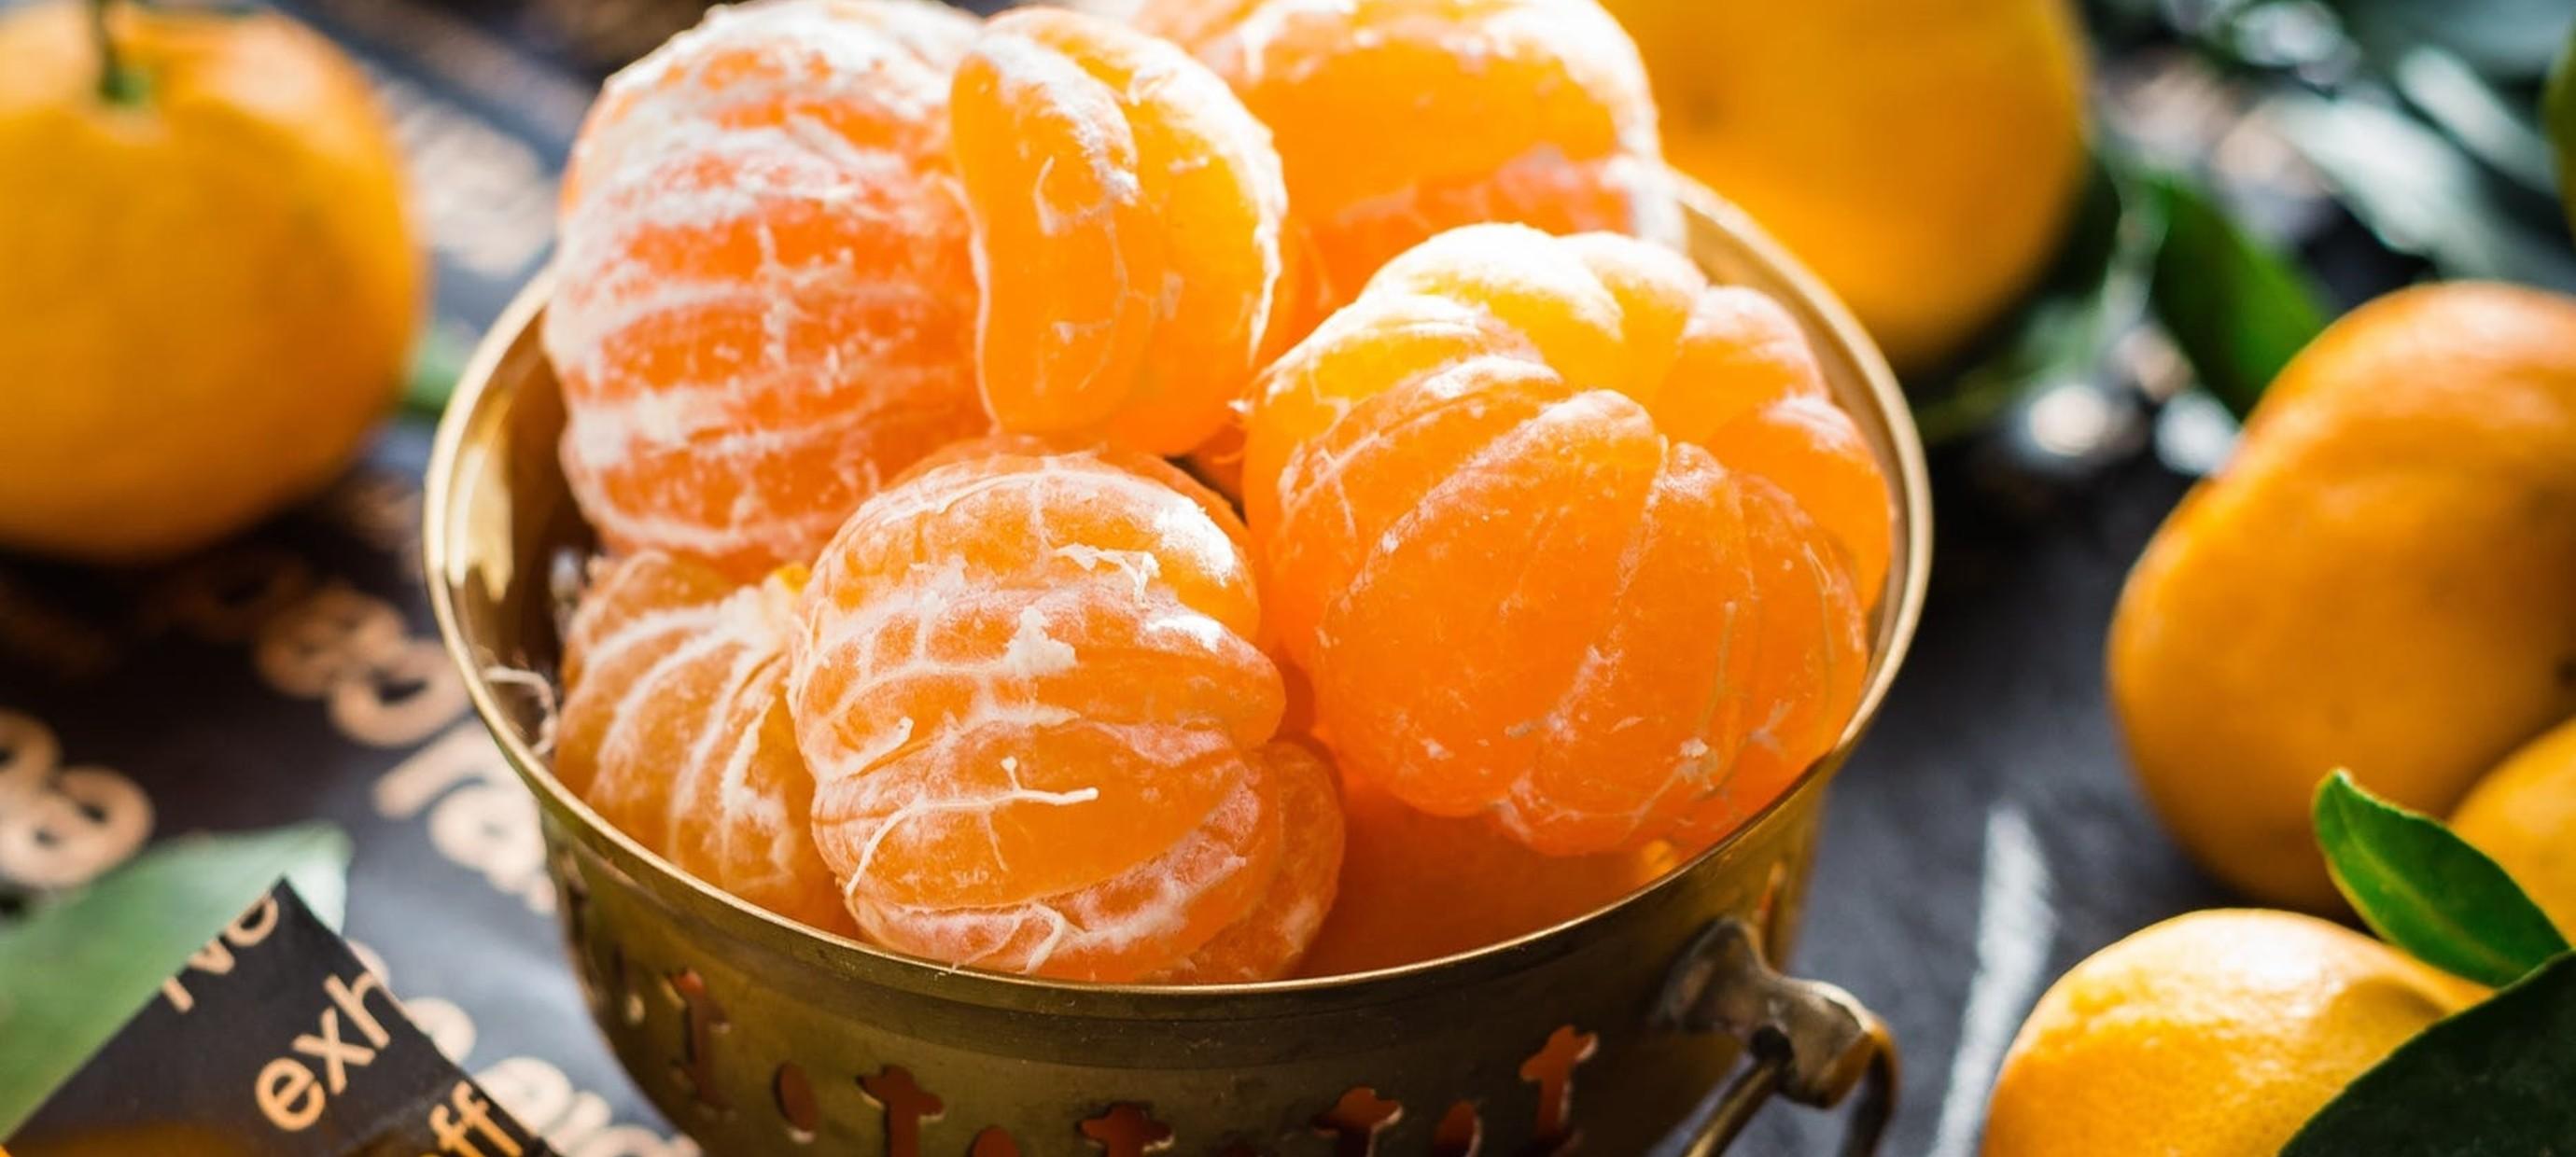 #LIFEHACK Sinaasappels persen: tips en trucs om meer sap te krijgen